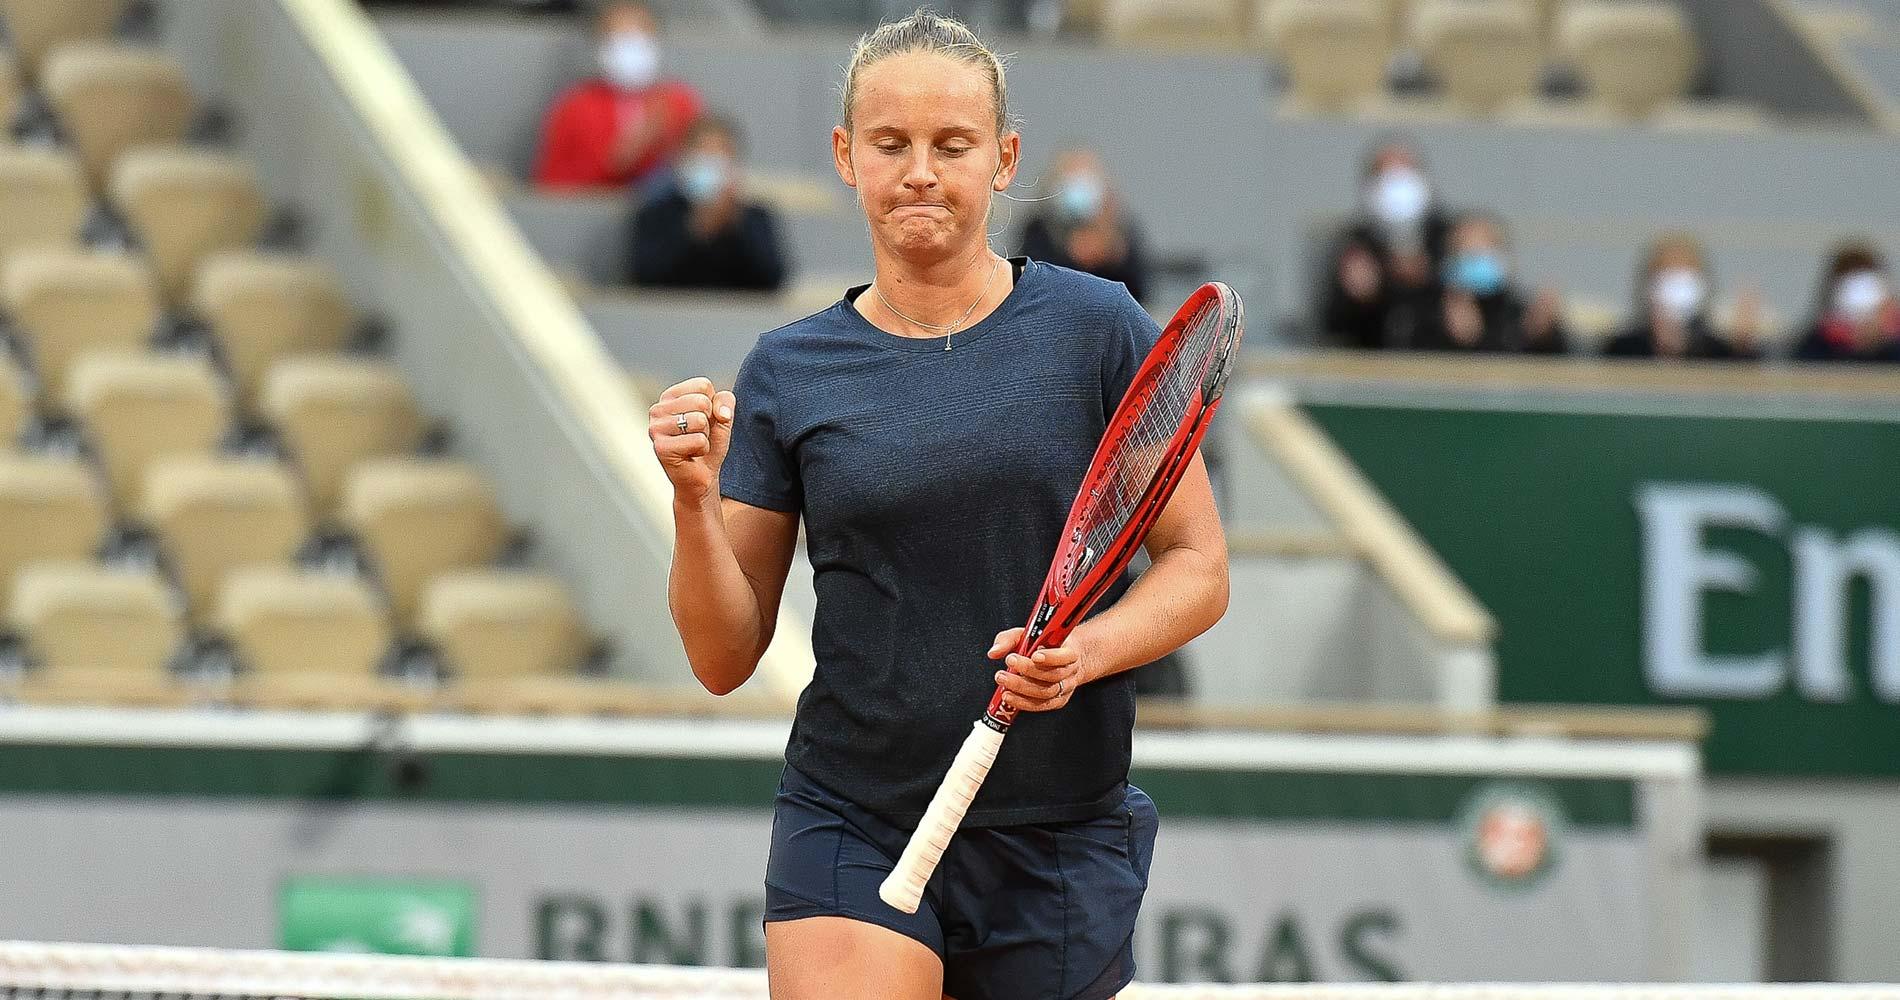 Fiona Ferro at Roland-Garros 2020 round 3